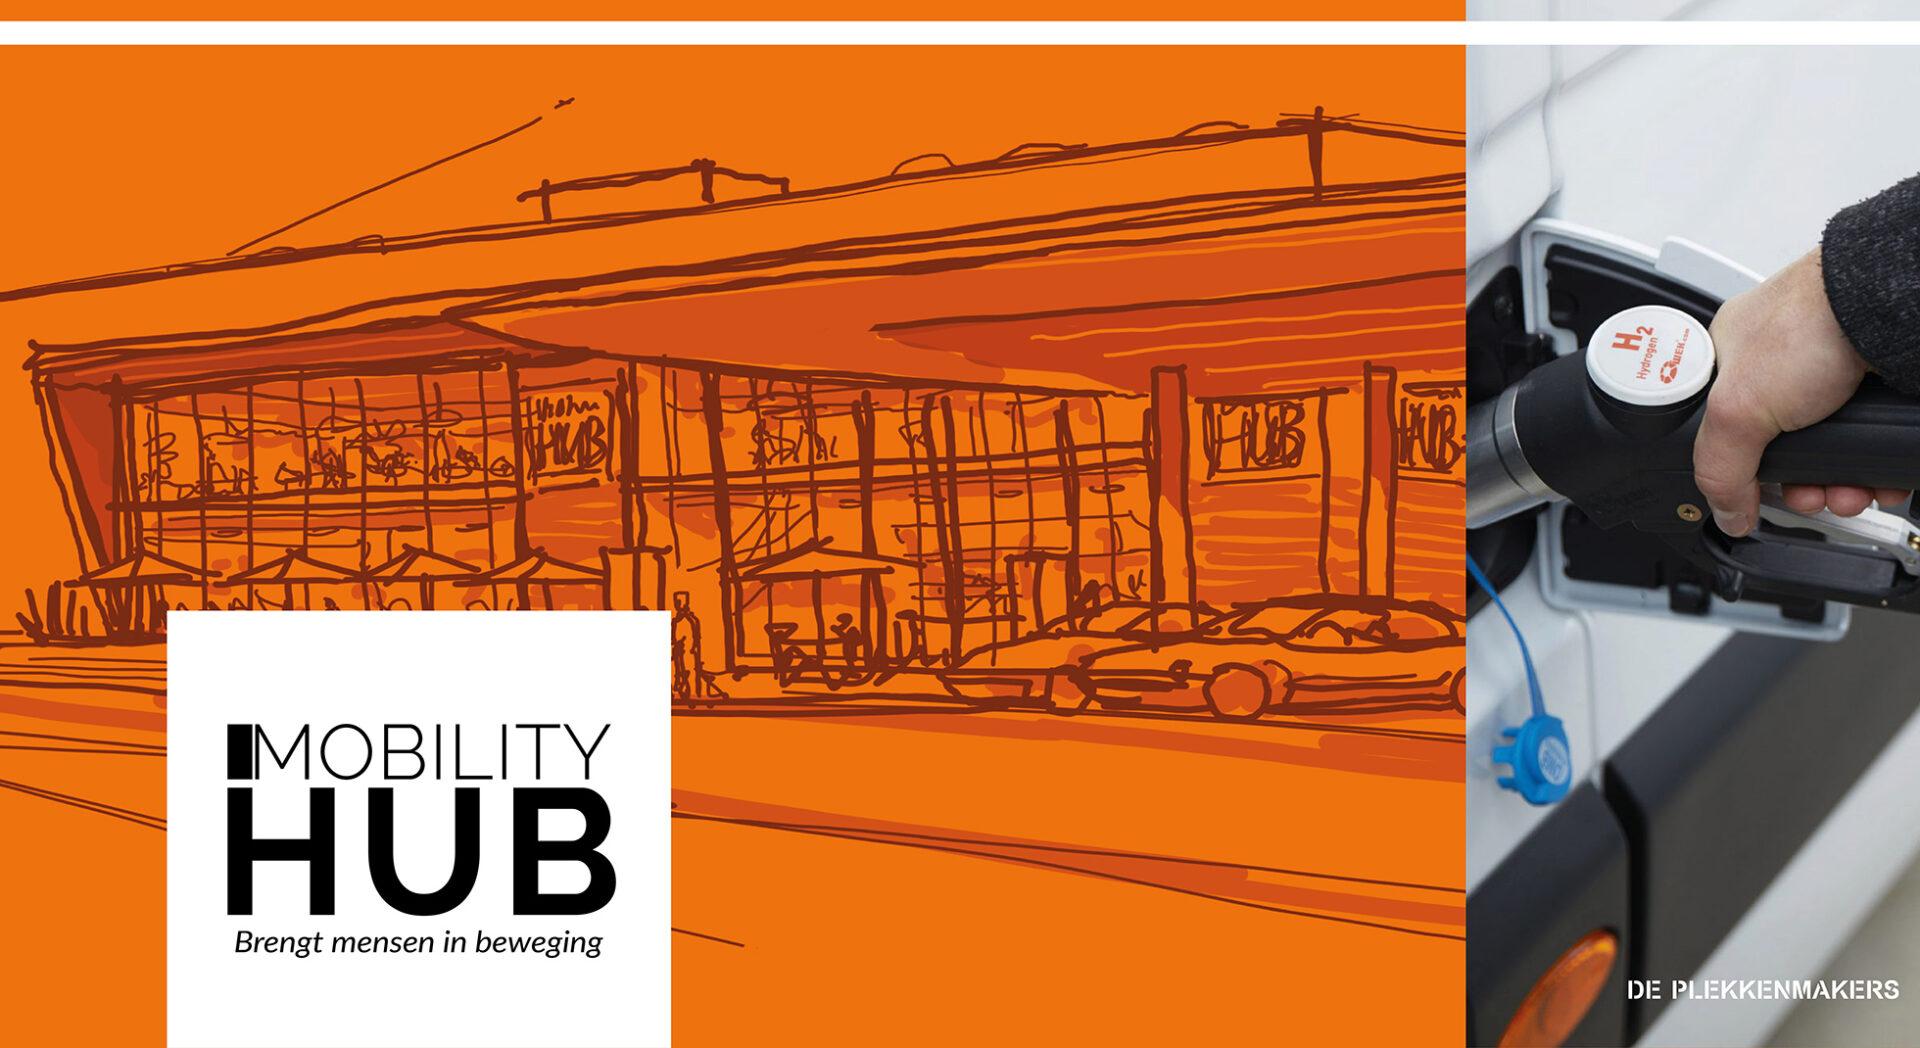 MobilityHub